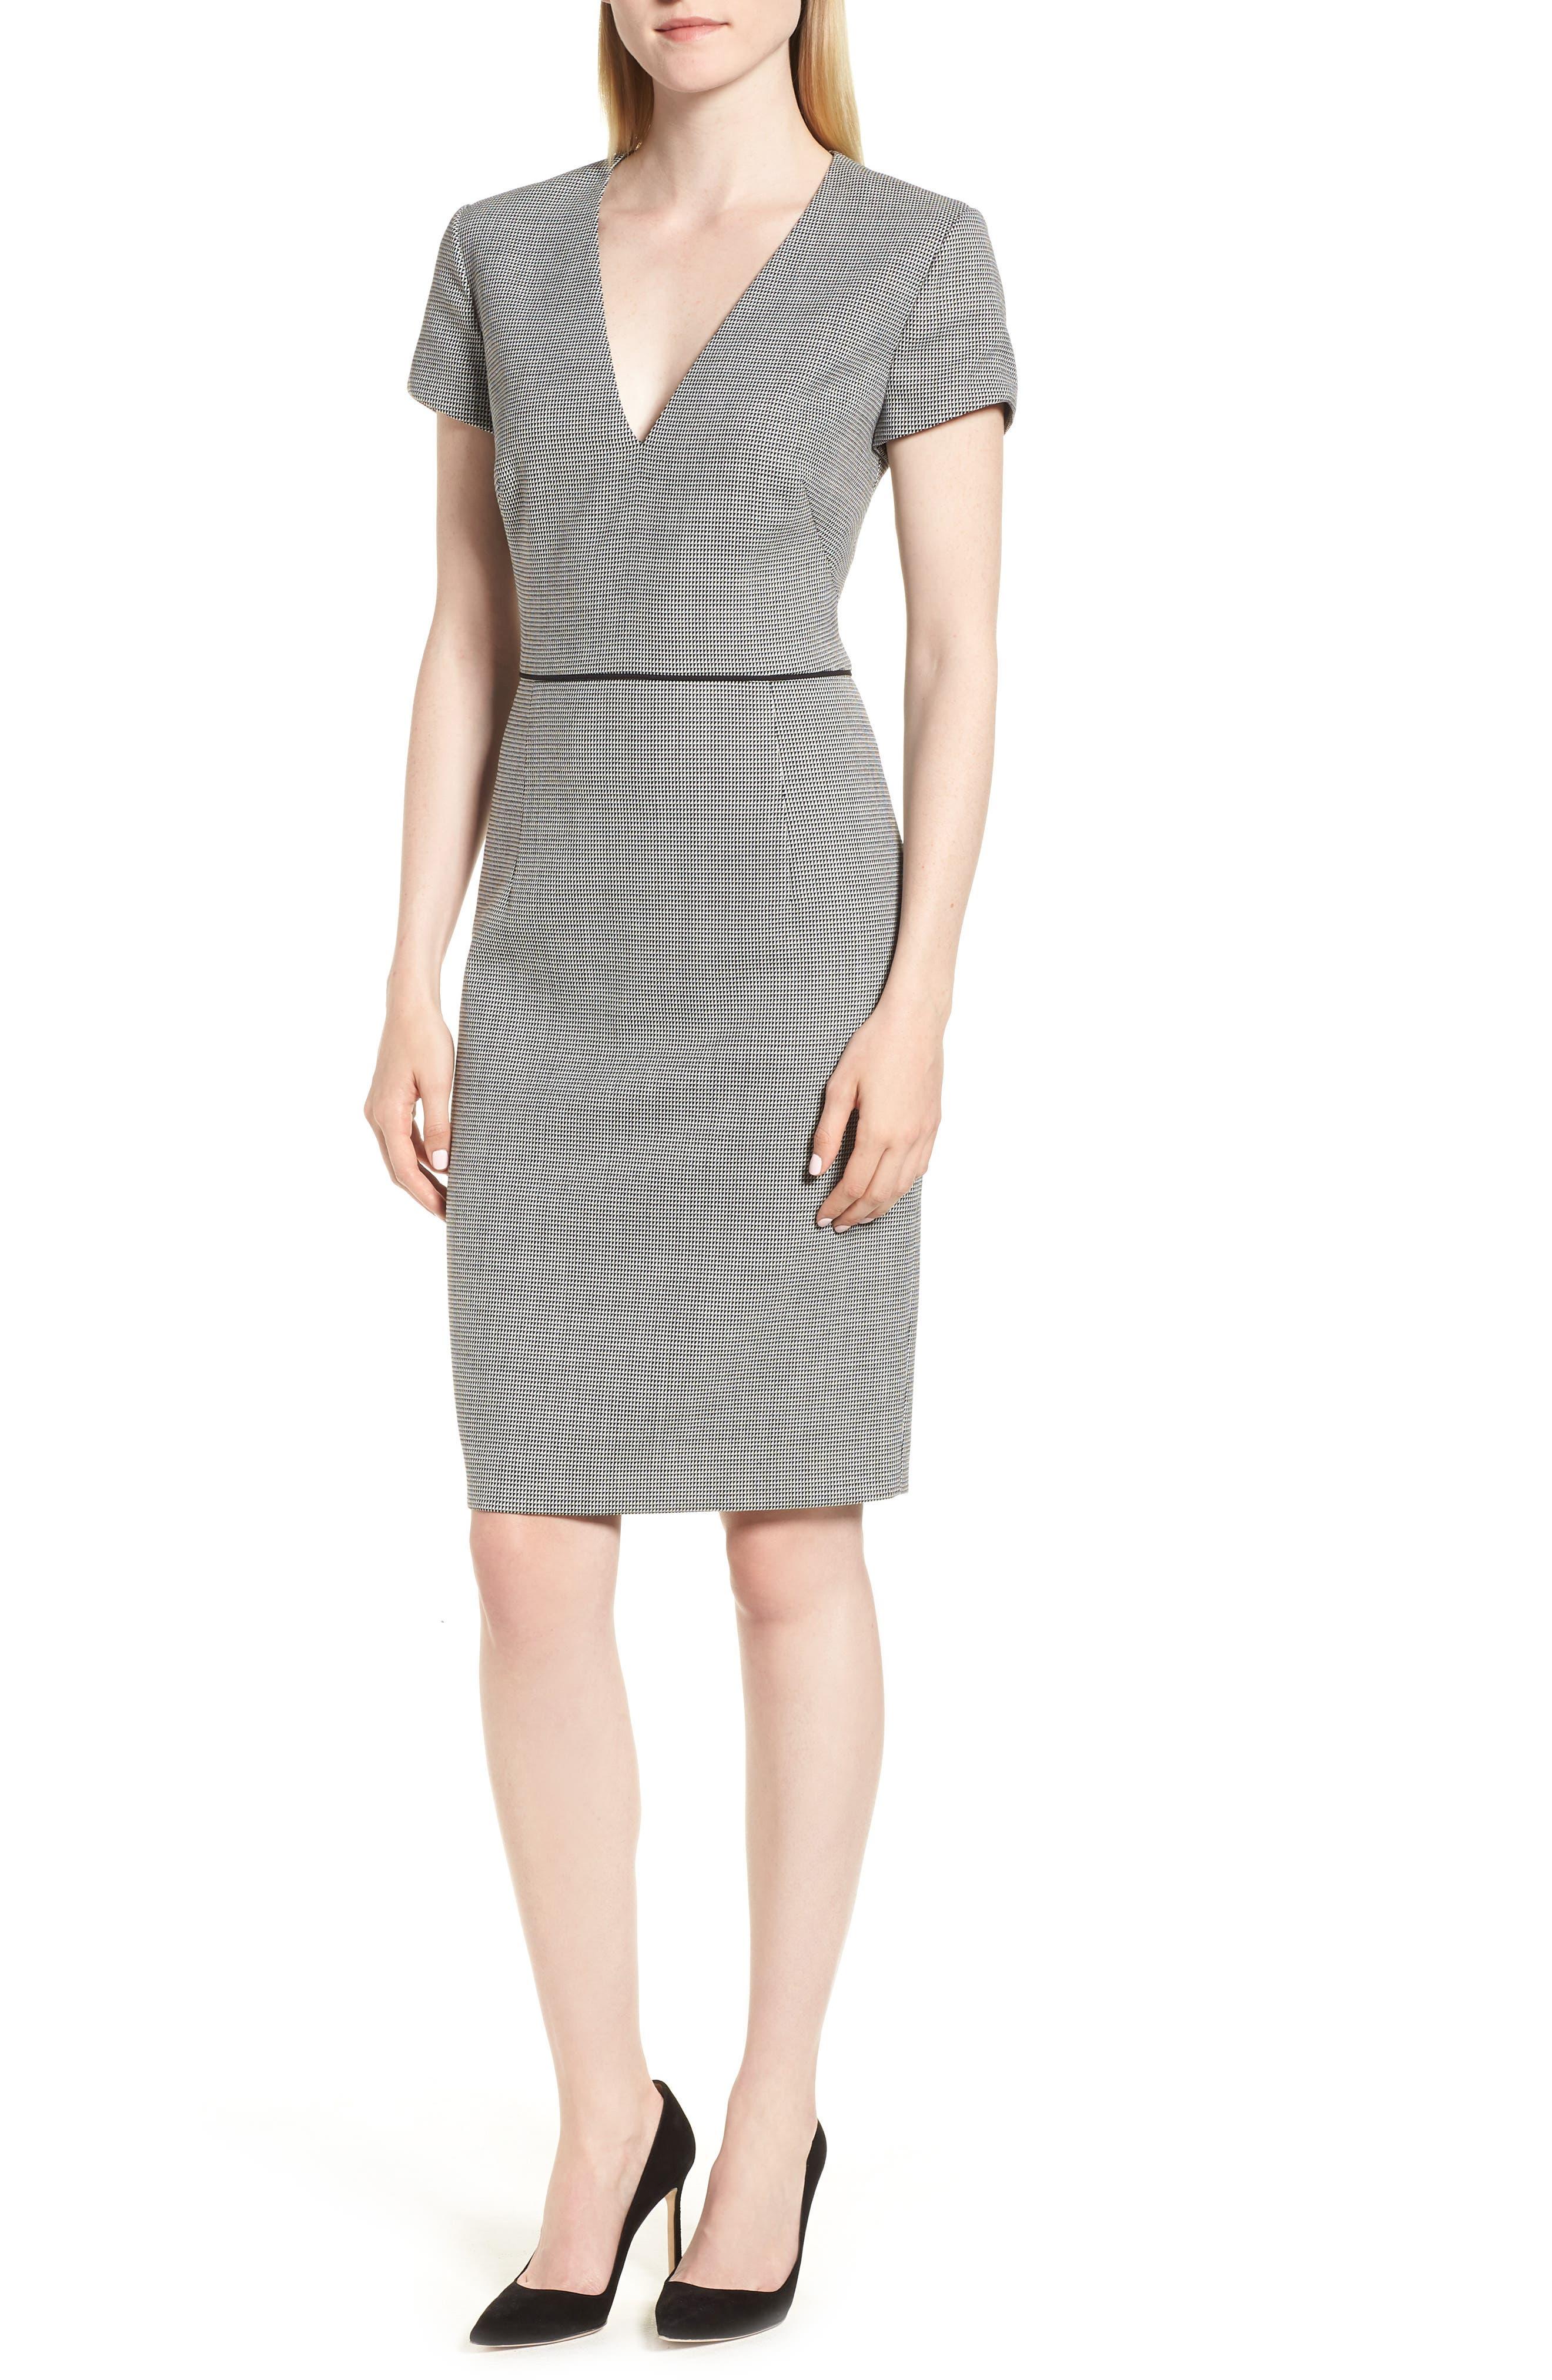 Doritala Geometric Wool Blend Petite Sheath Dress BOSS $495